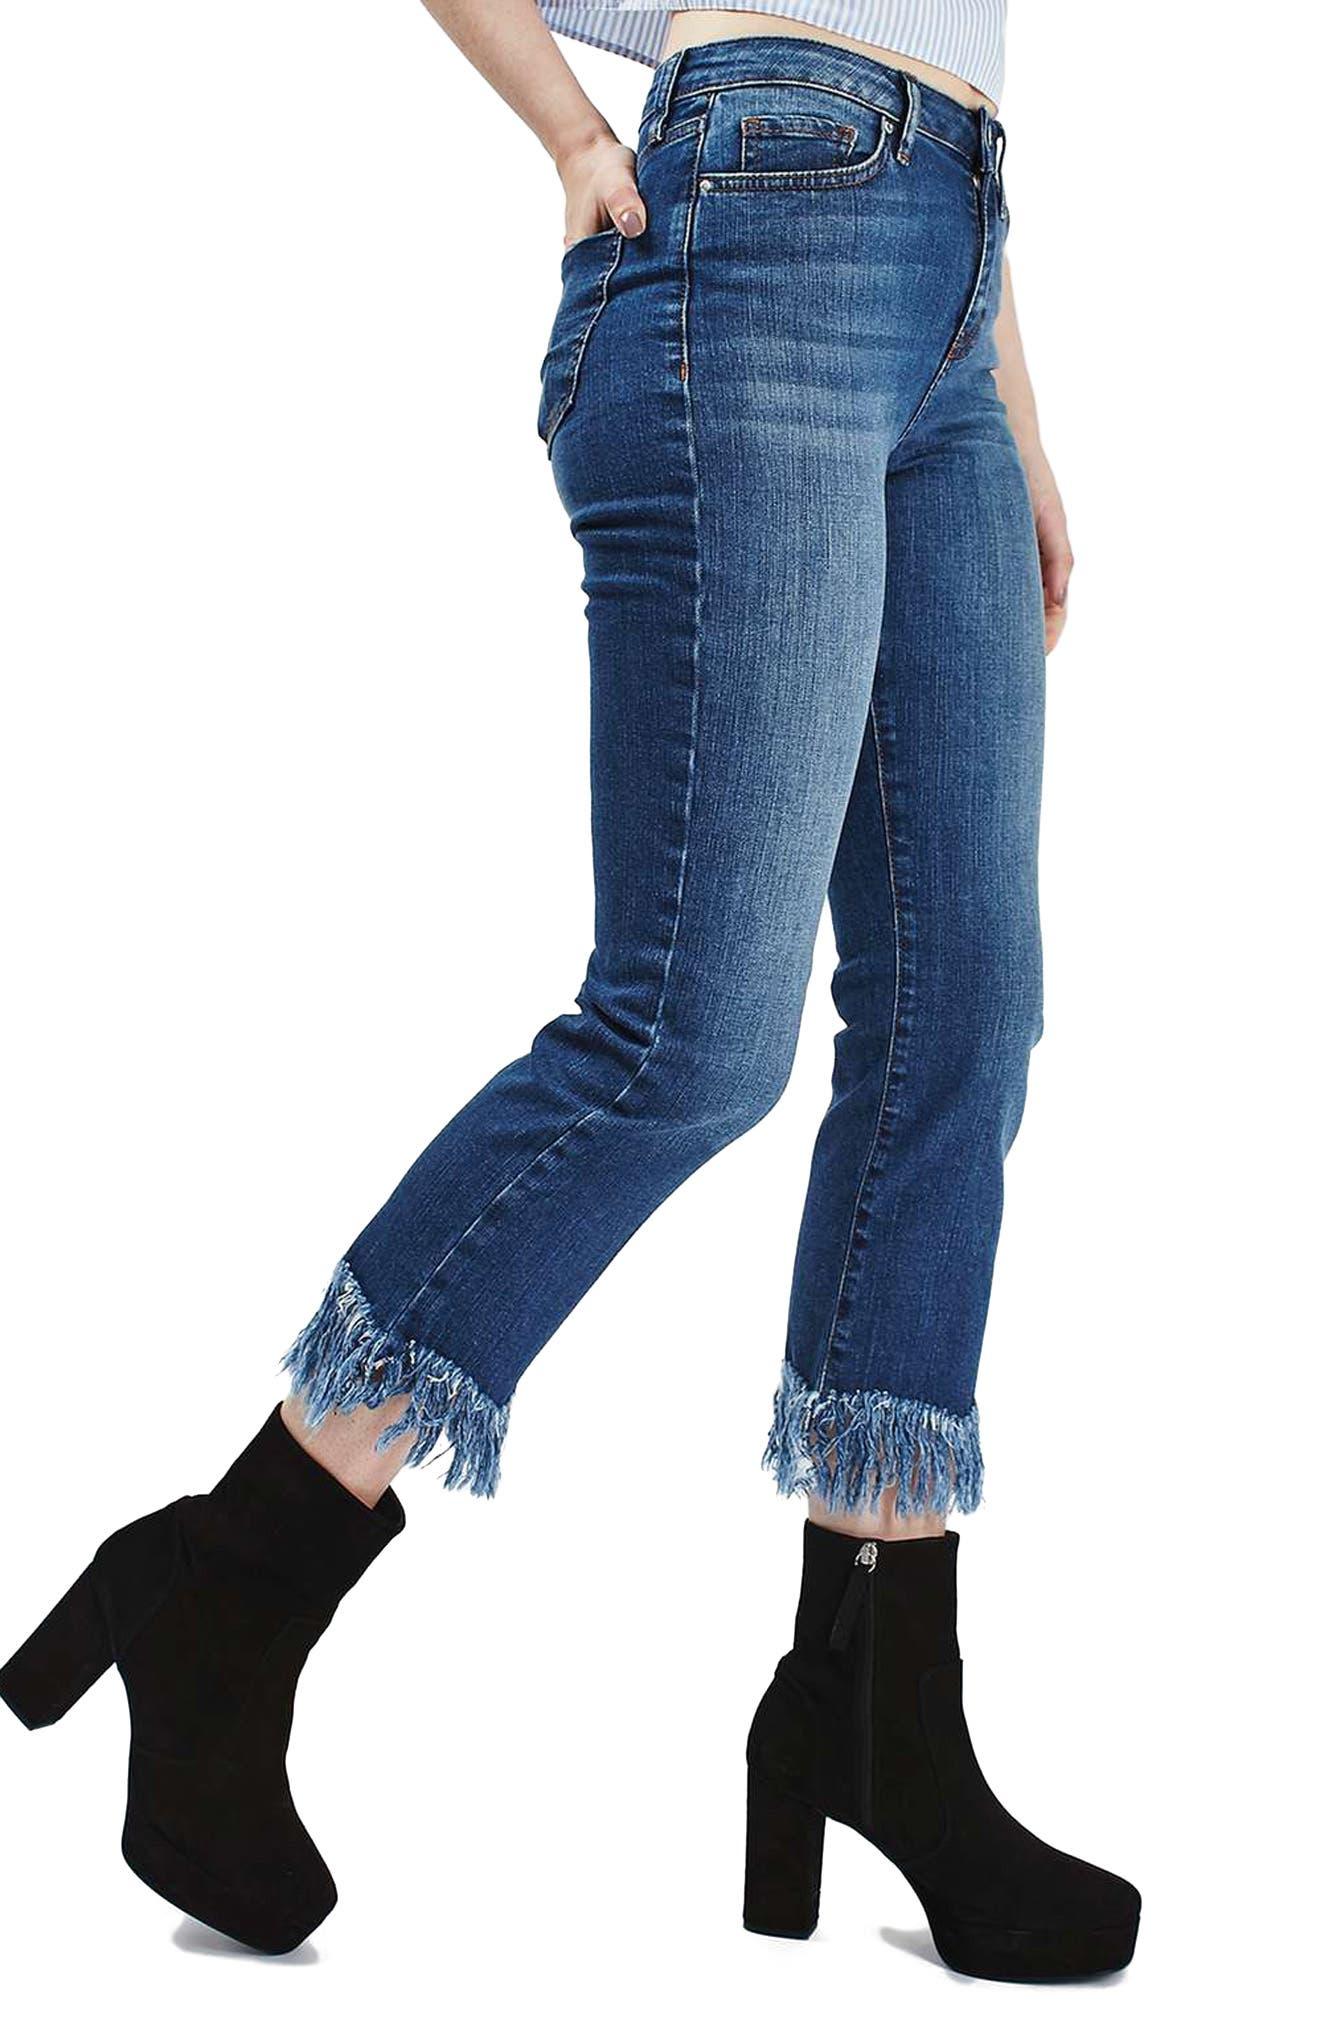 Topshop Dree Fringe Crop Jeans